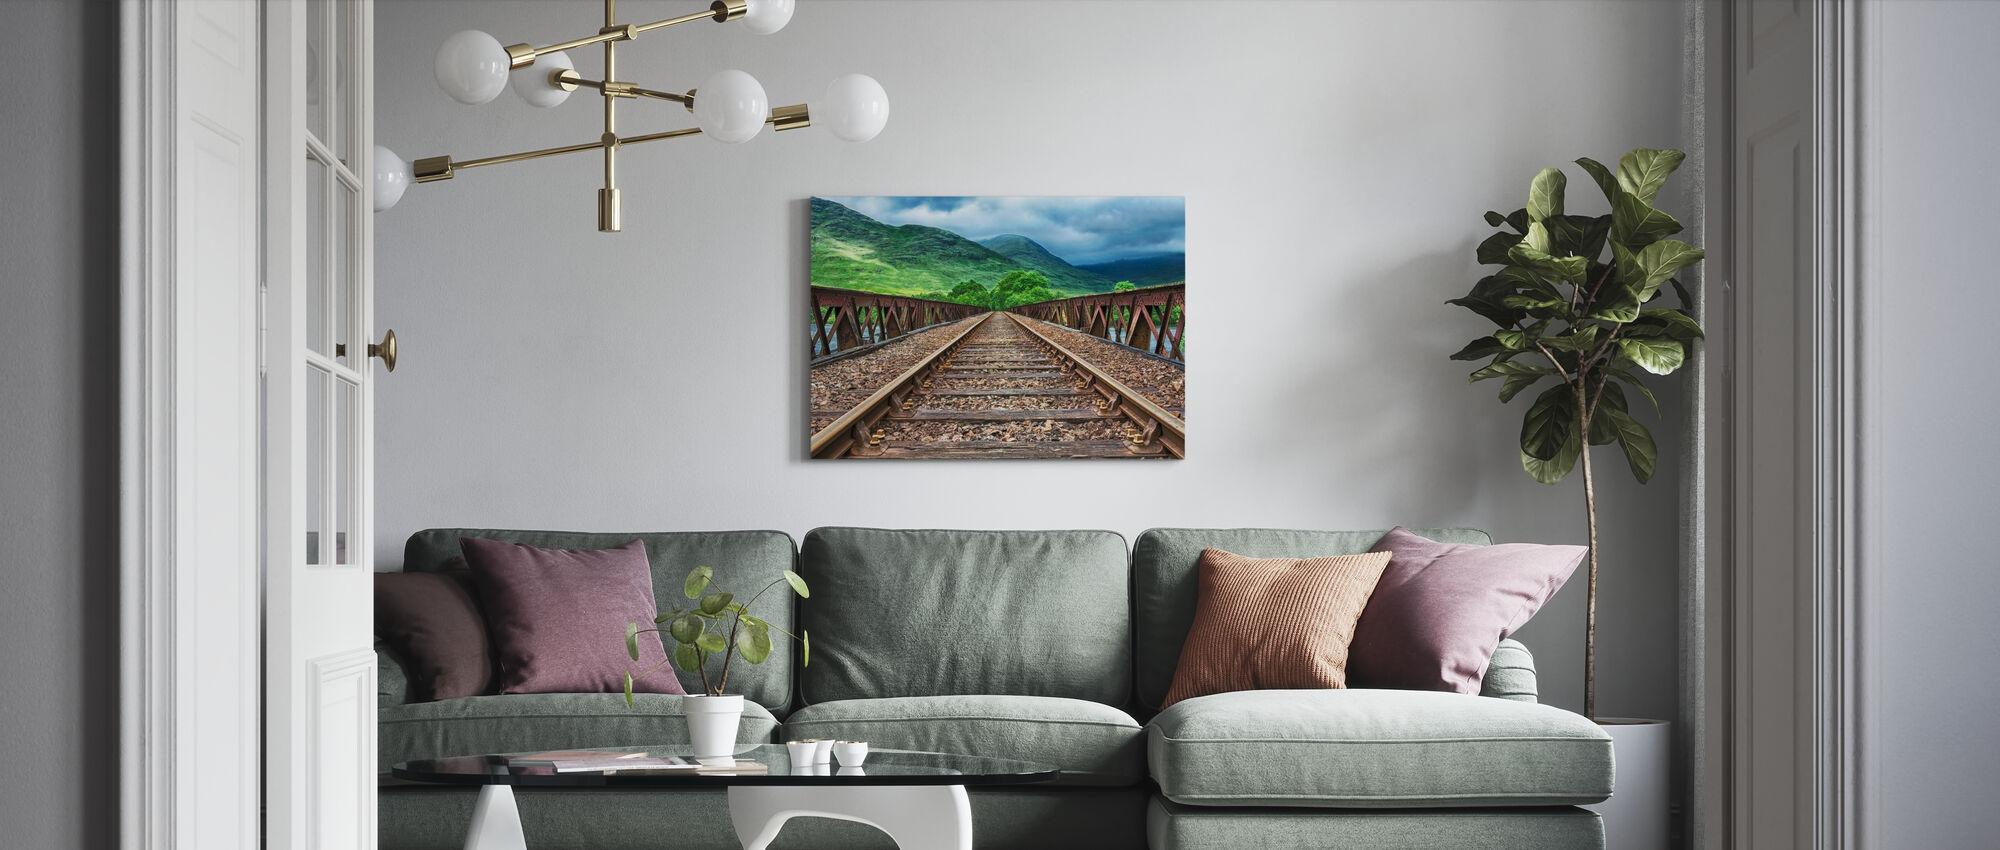 Järnvägsbro spår - Canvastavla - Vardagsrum